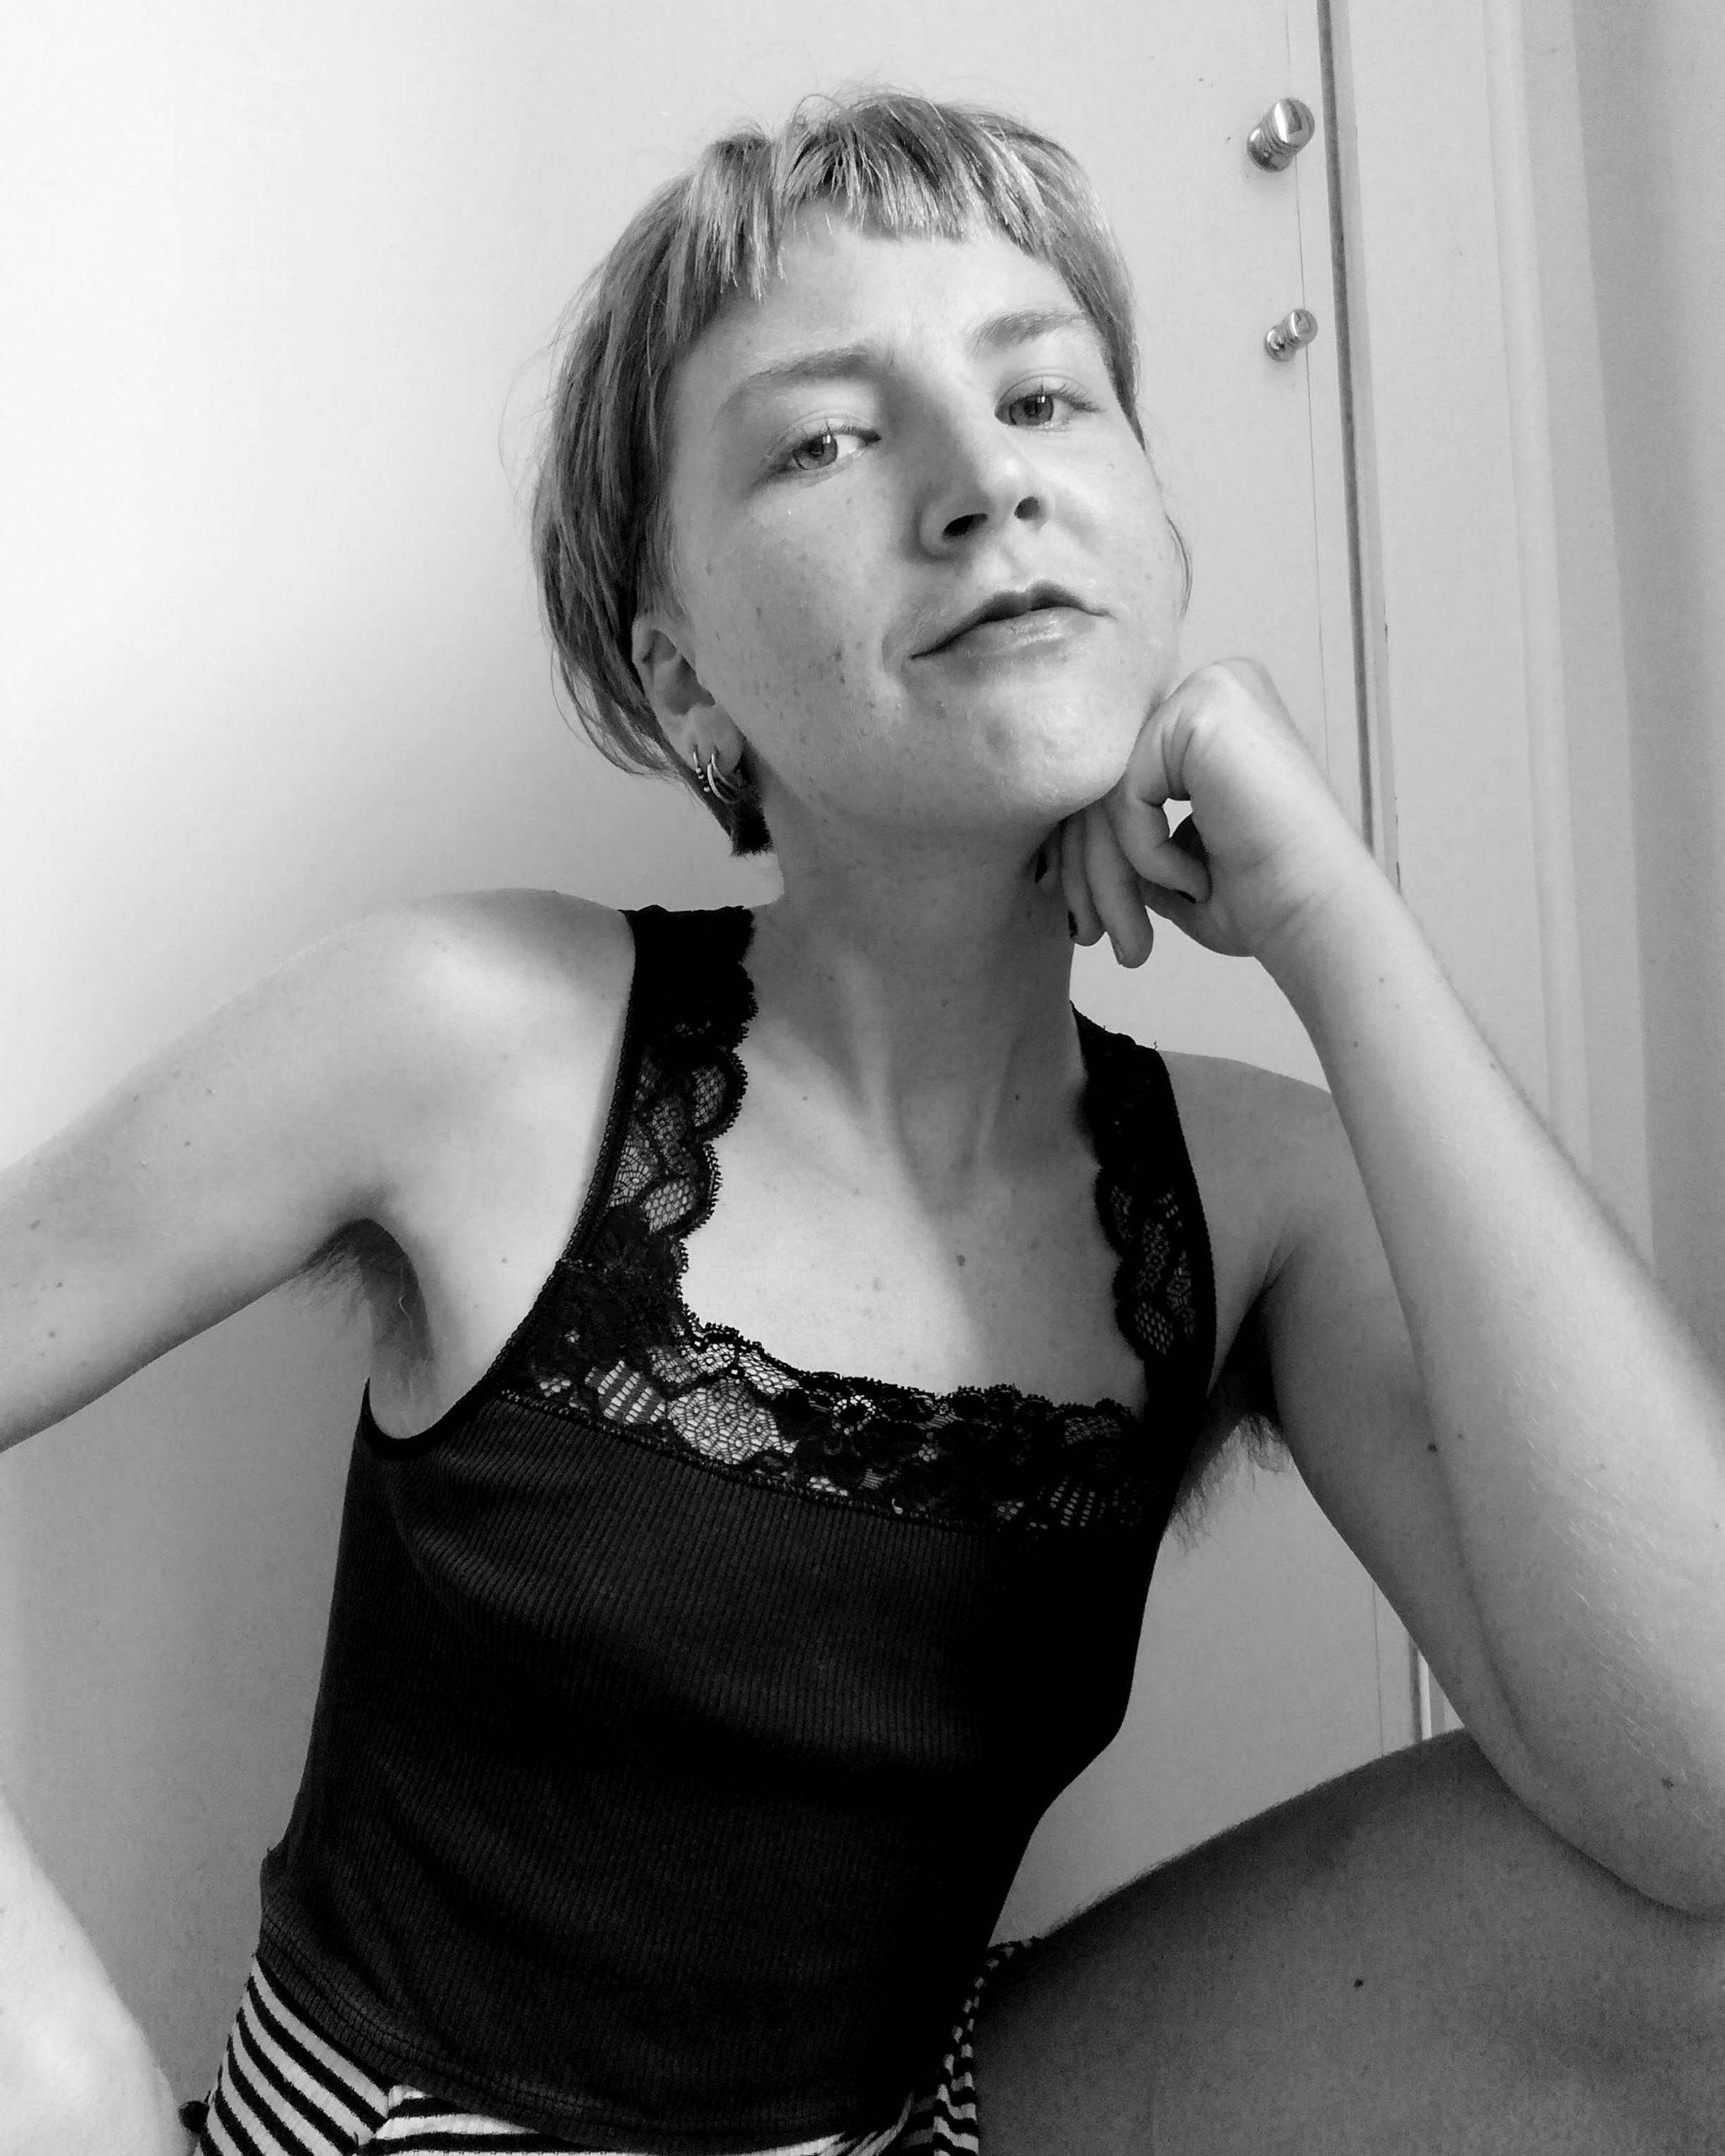 Ann-Sofie Gassner Künstlerin